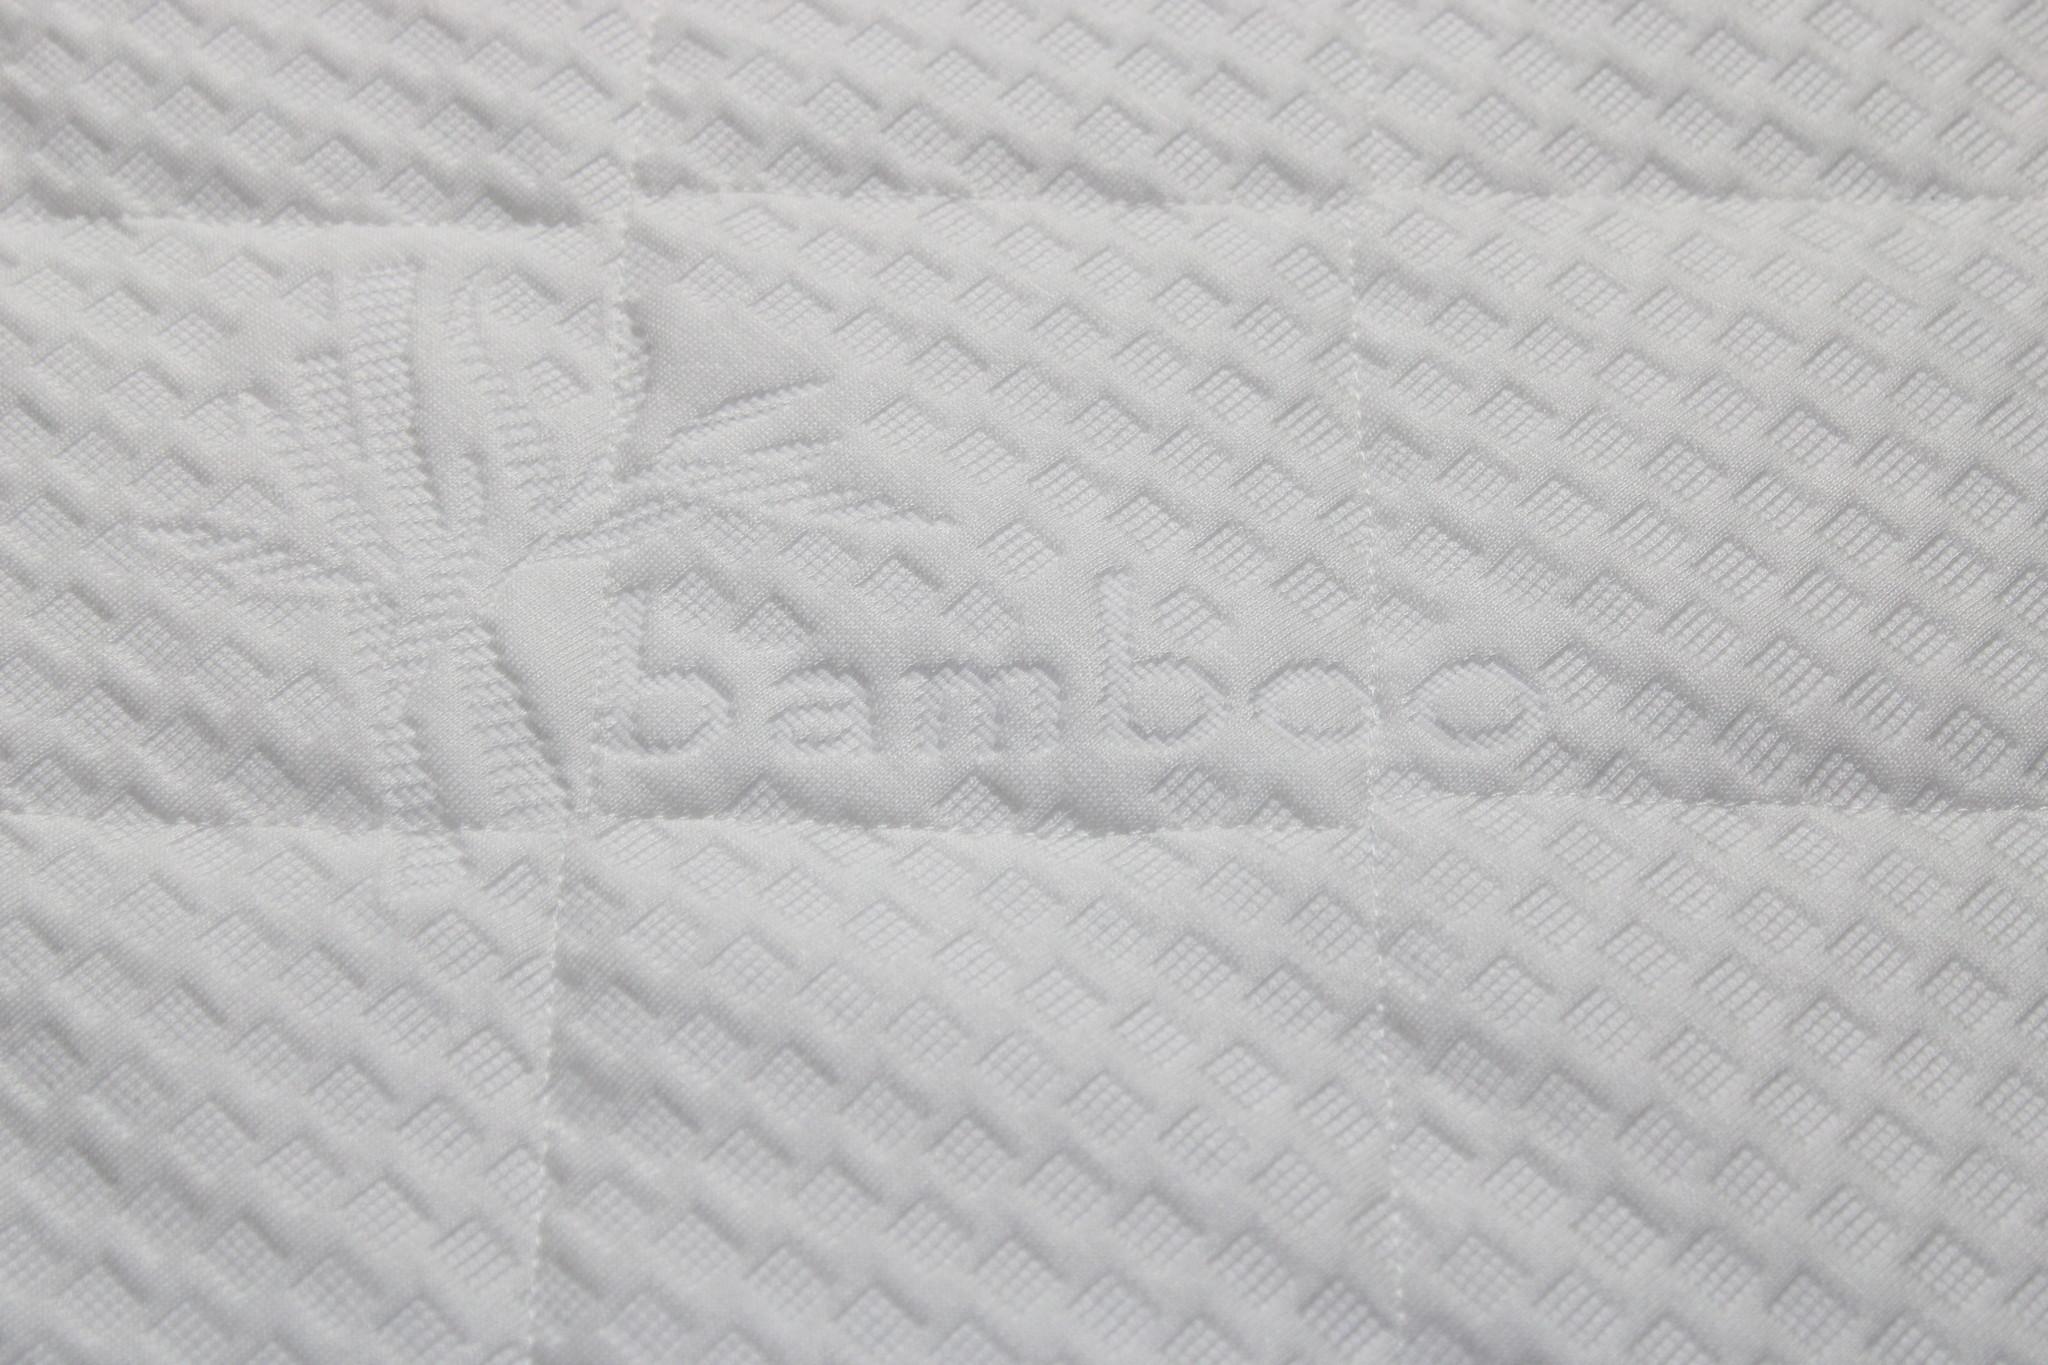 Sarpy Babymatras 65x130 koudschuim hr40 bamboo